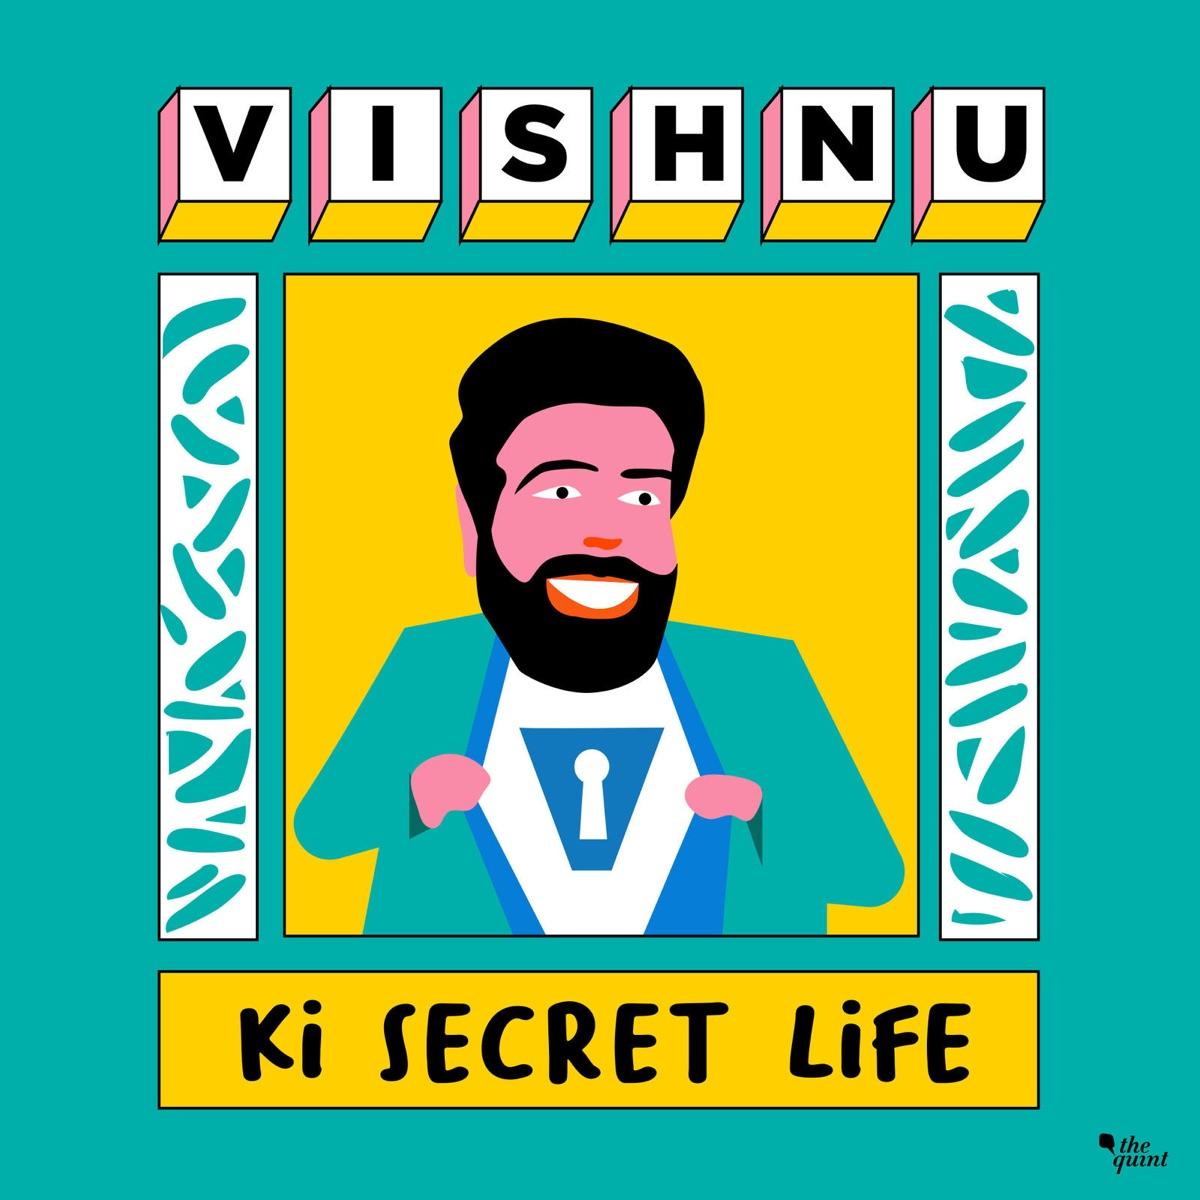 Vishnu Ki Secret Life